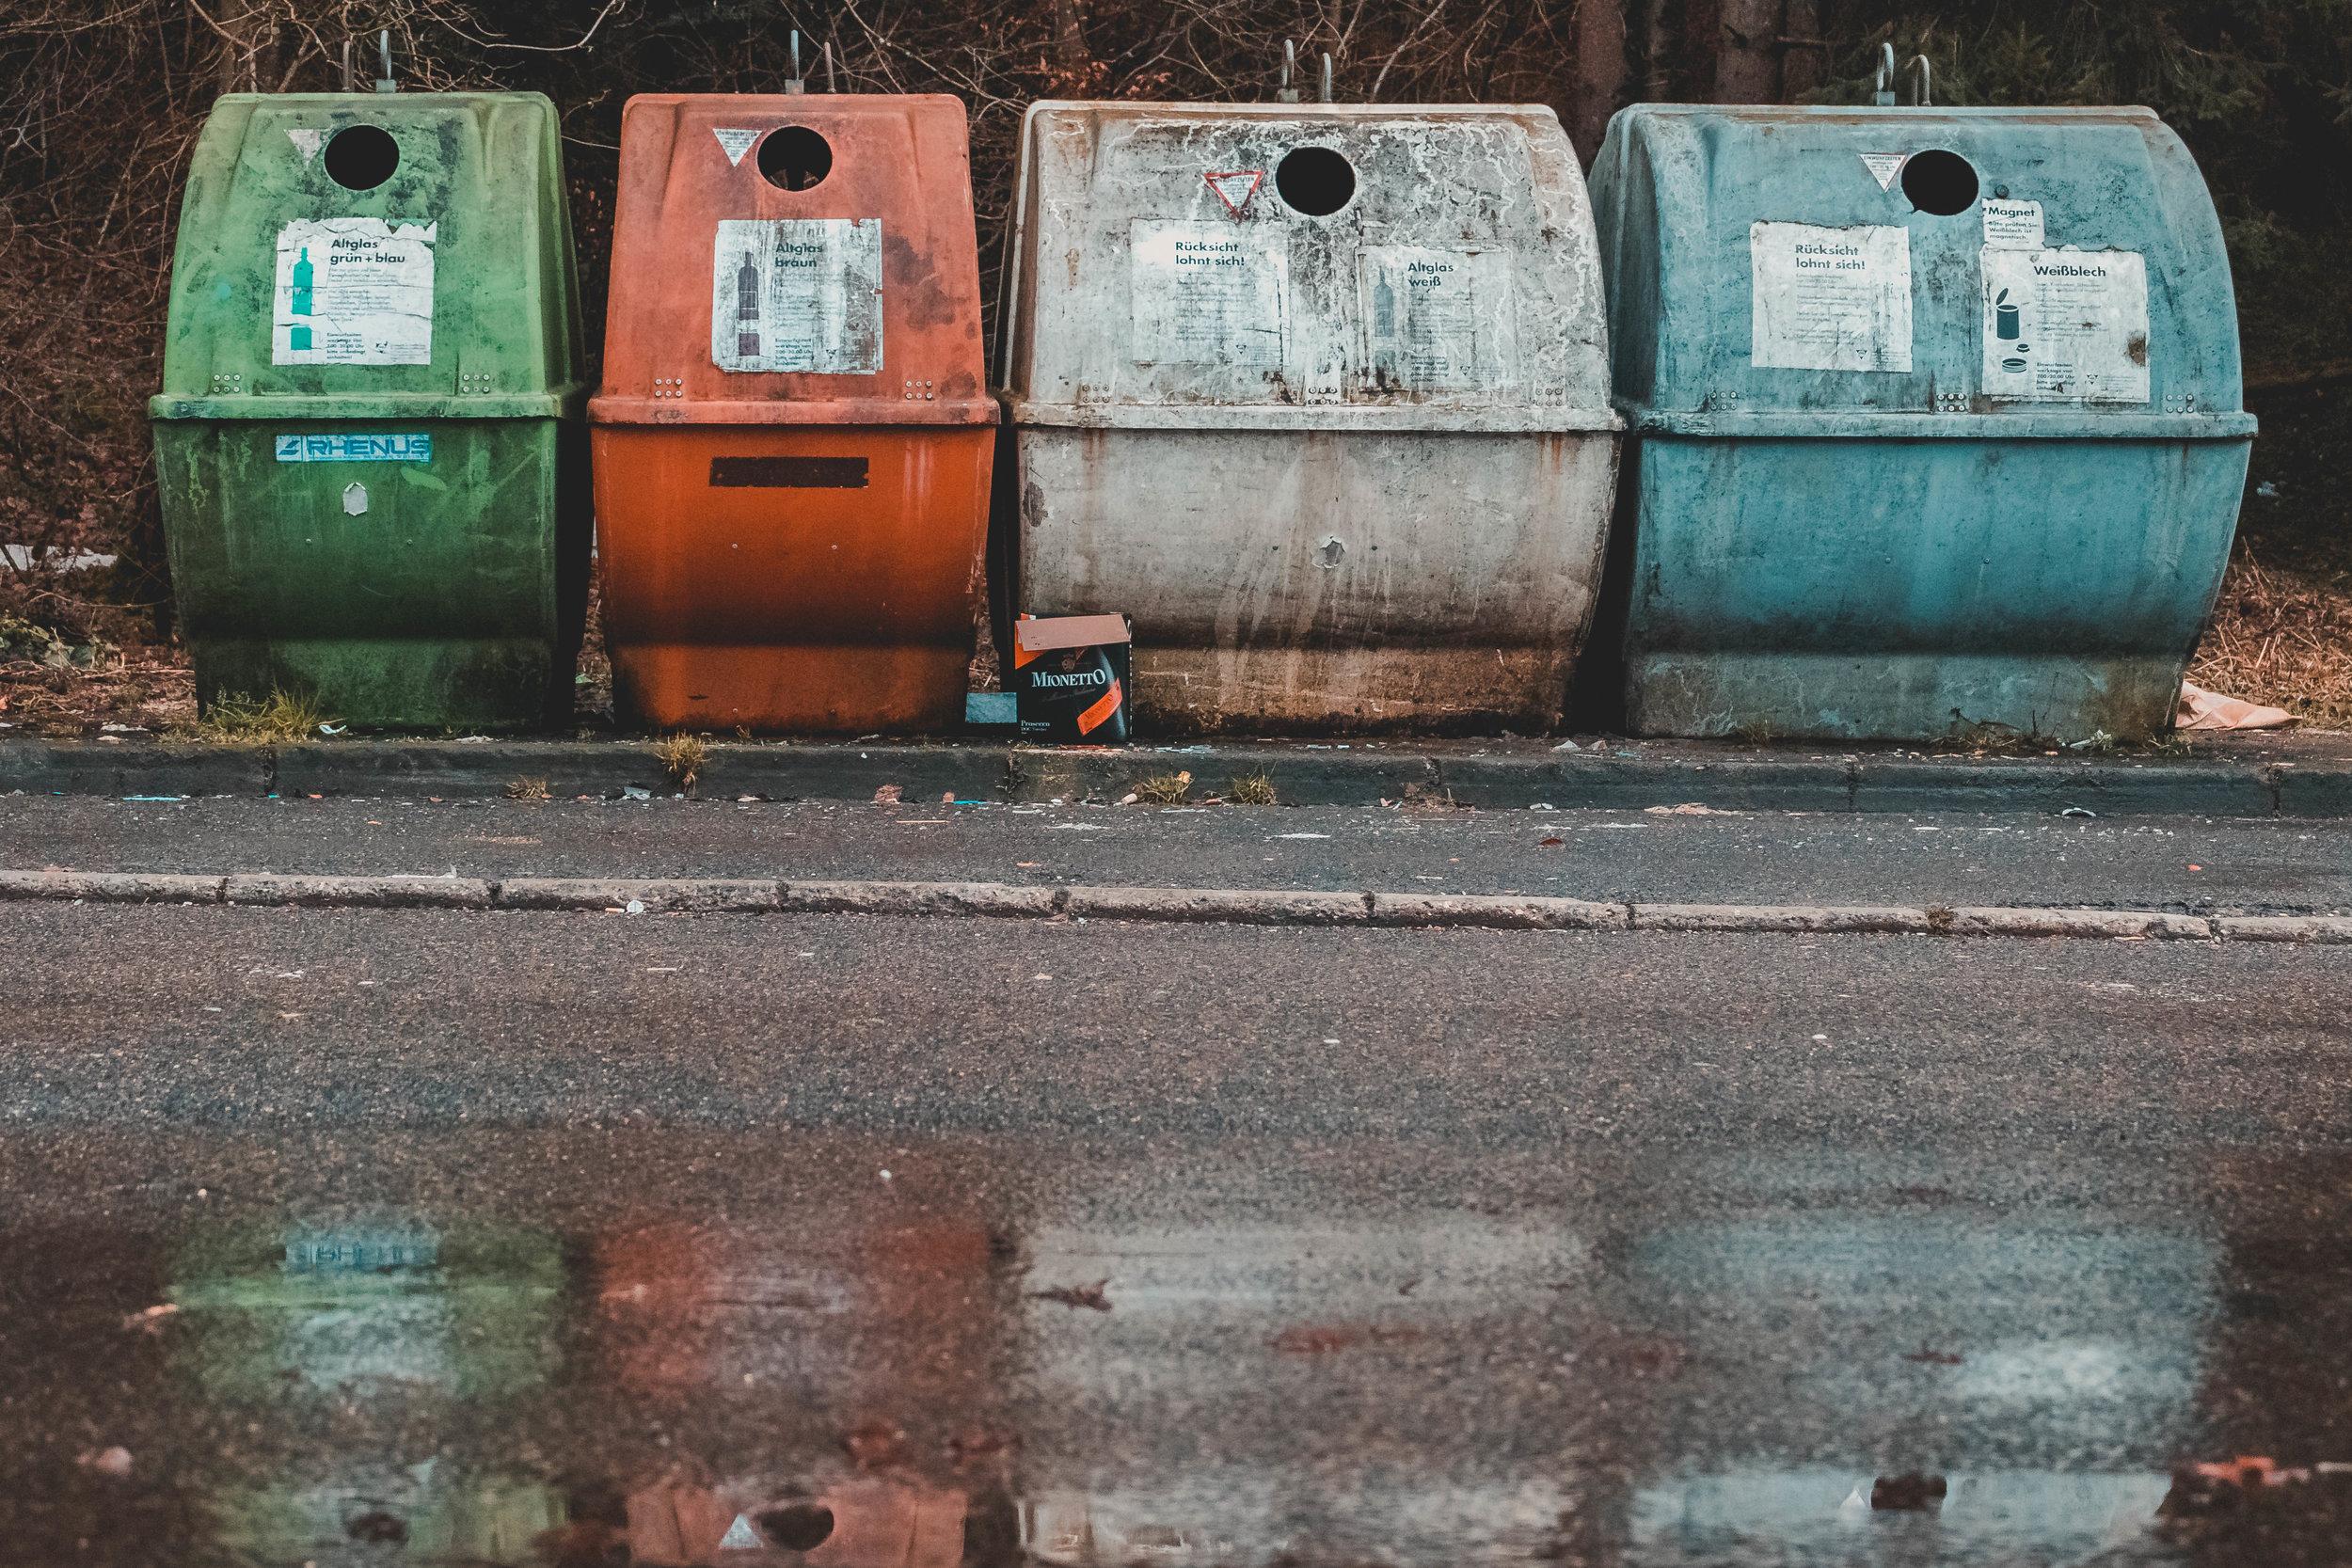 Massive multi-million pound recycling centre to open in Bristol -